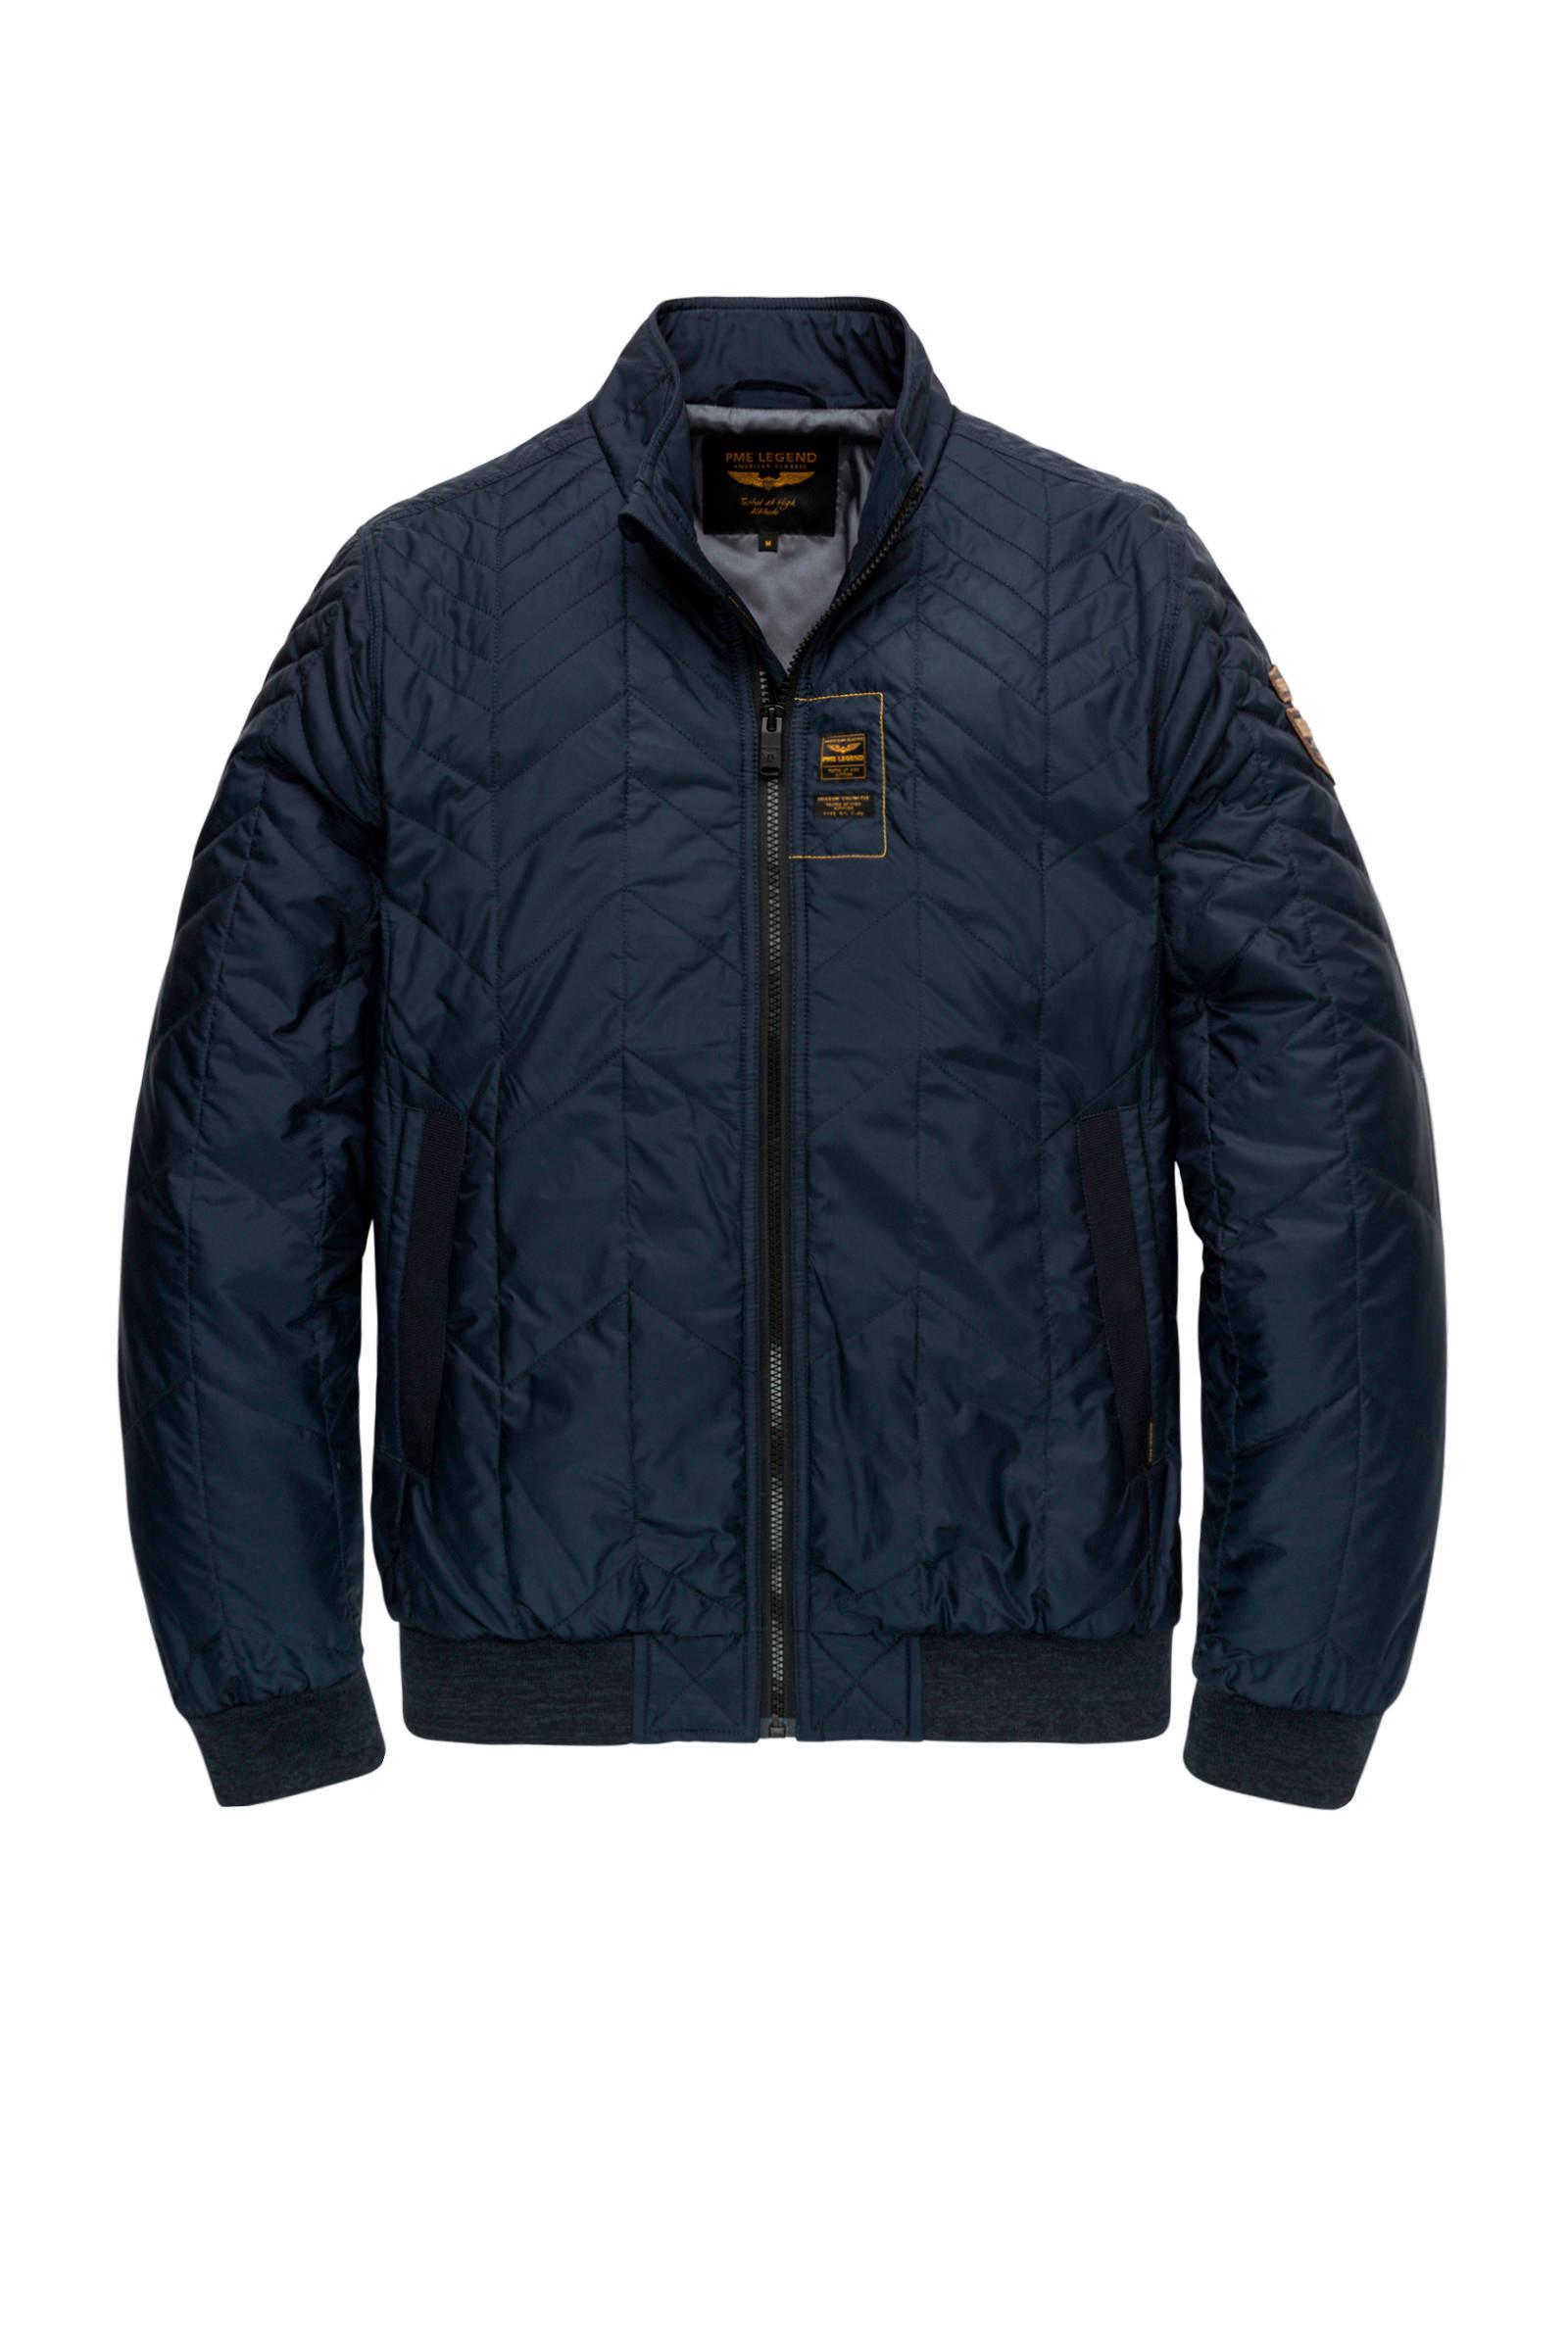 zomer jas donkerblauw